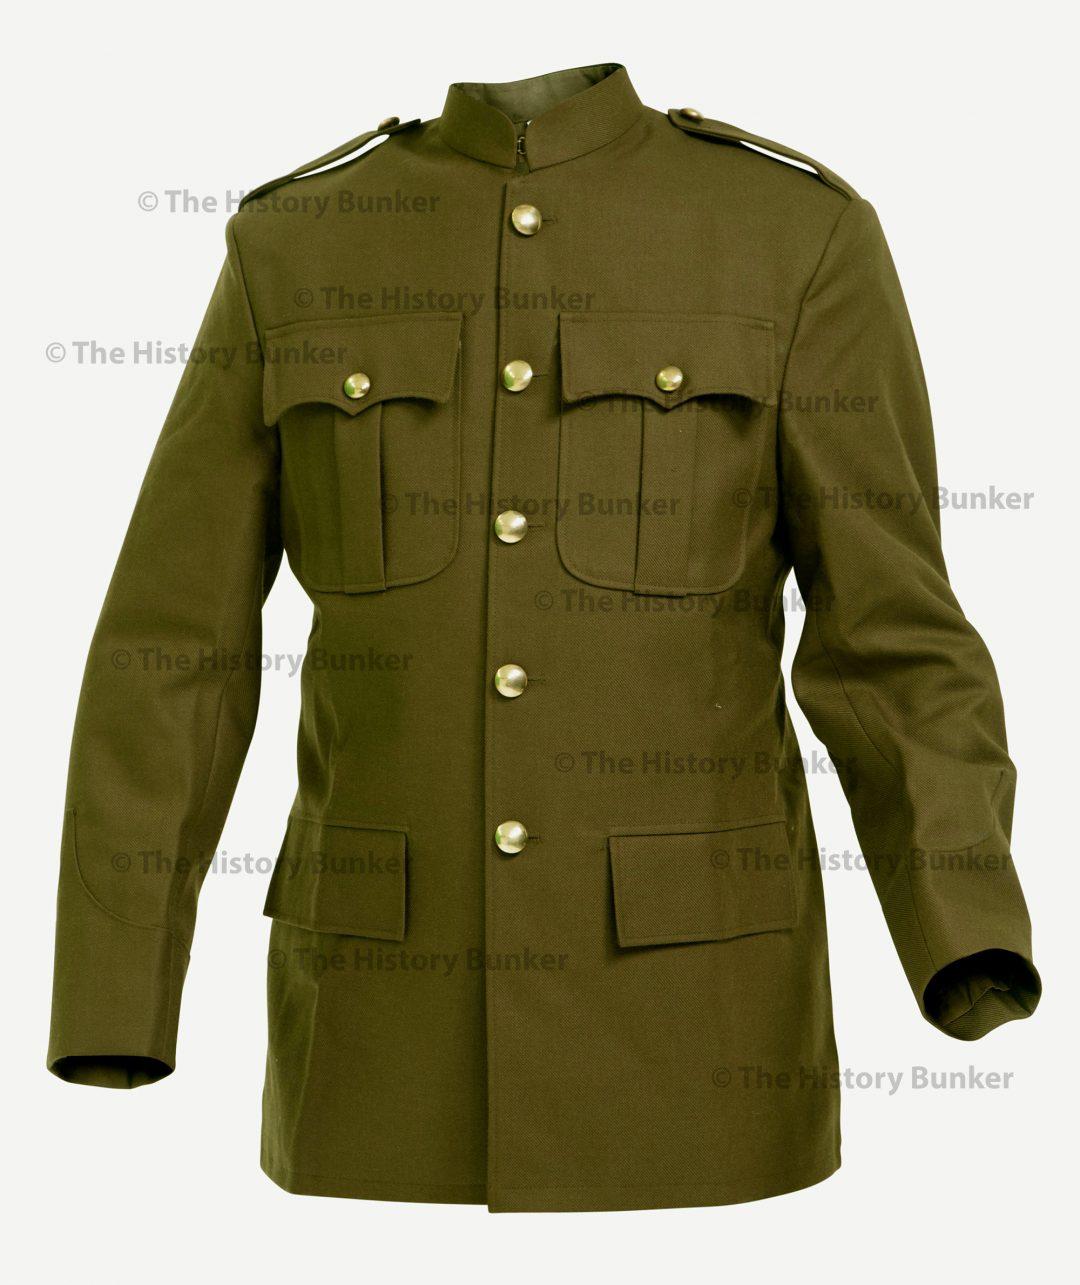 ww2 british army warrant officer tunic